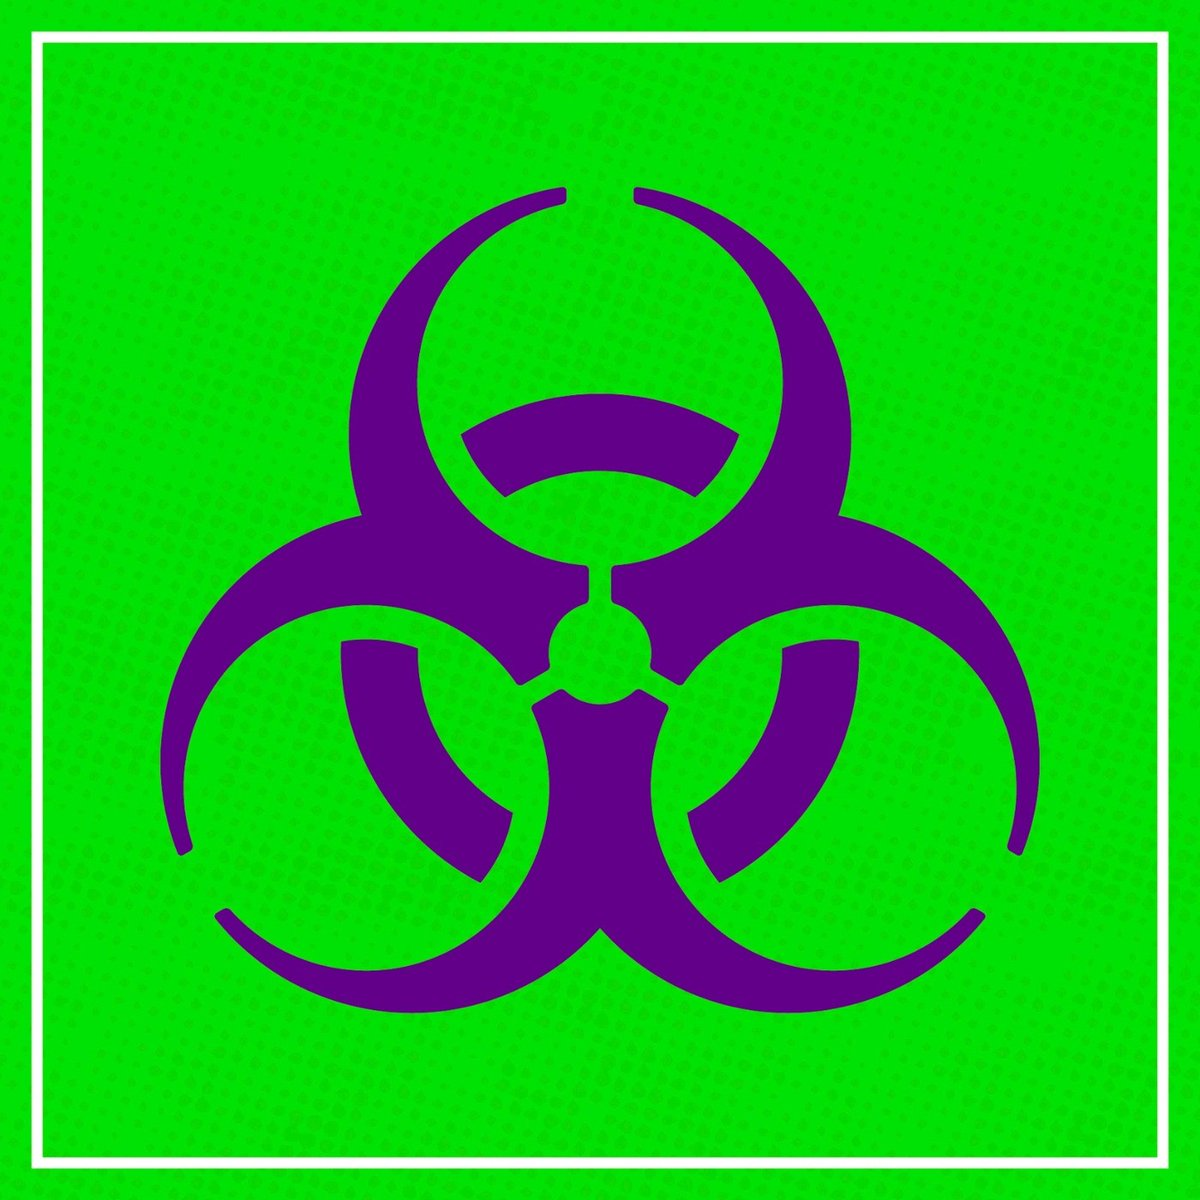 """Nuevo Programa de Mundo Skrull Esta vez un programa clandestino dónde hablaremos de cine, cómic, series,la vuelta de Lobato... Y por supuesto del """"Caso Medusa"""". Información, polémica y conspiración en Mundo Skrull. Ya en Ivoox!!!   https://bit.ly/2SA5xQw  #podcast #comic #ivooxpic.twitter.com/NAWDX34Mjs"""